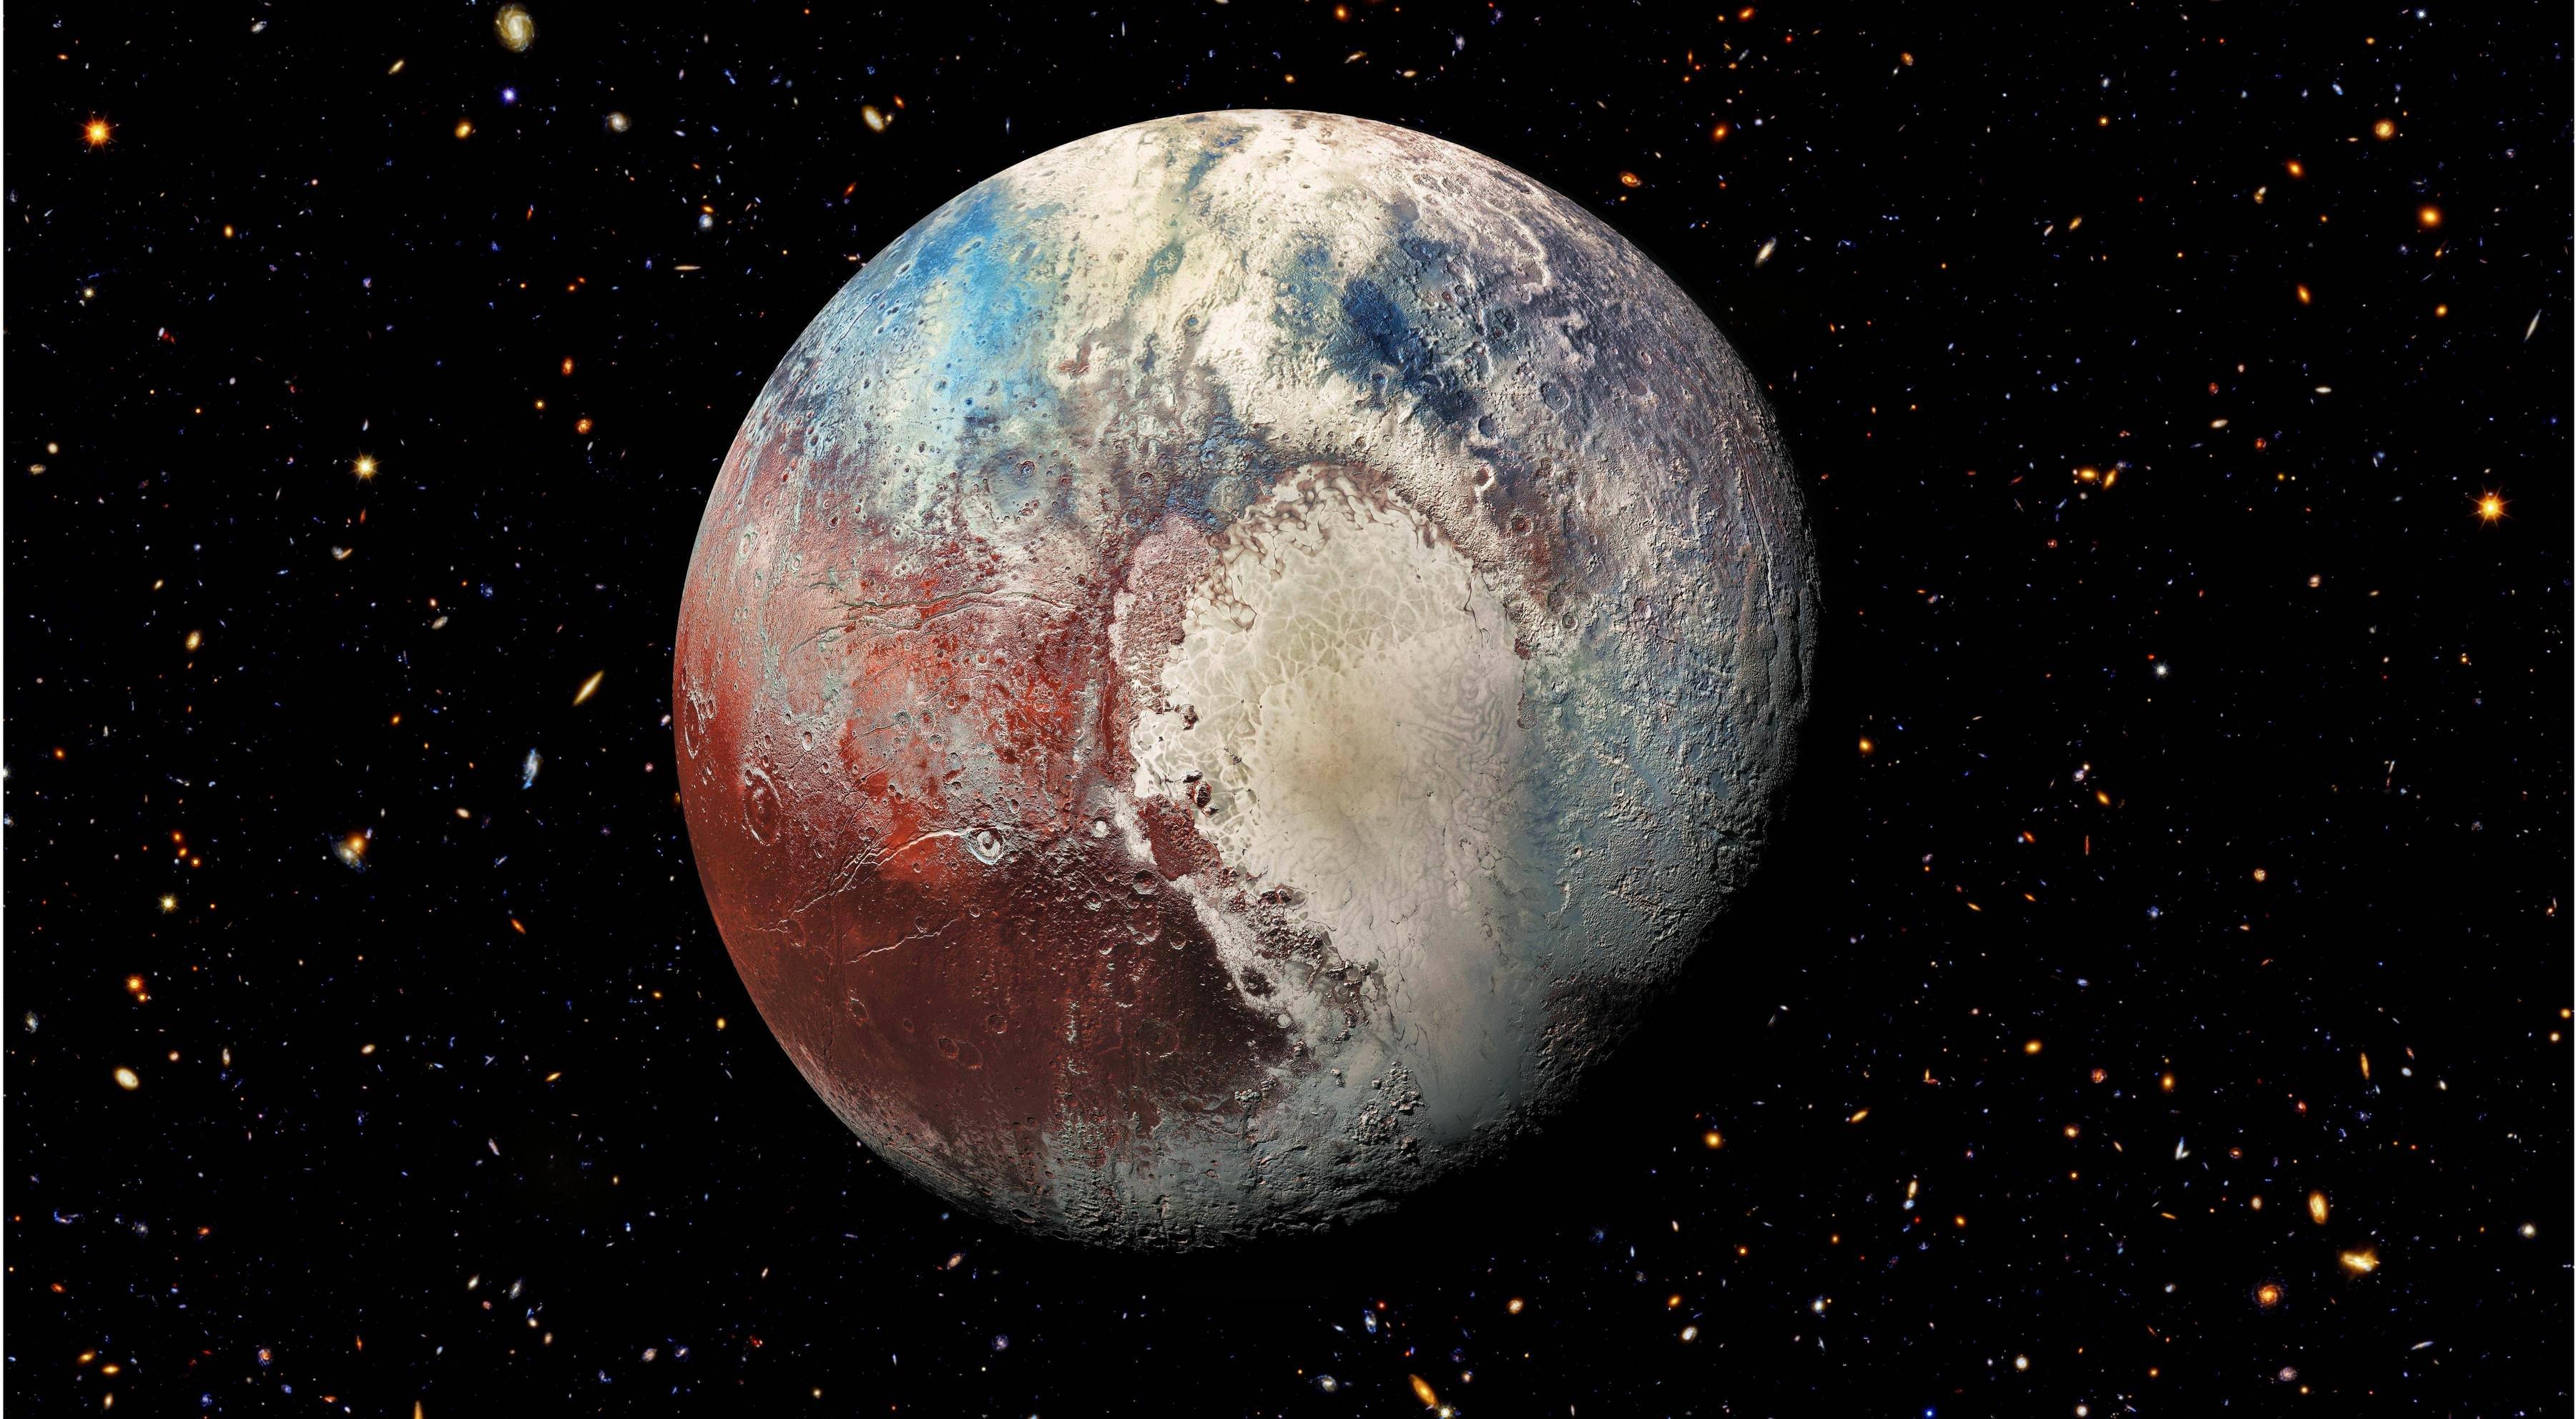 High Res Pluto Hubble Mix Hd Wallpaper